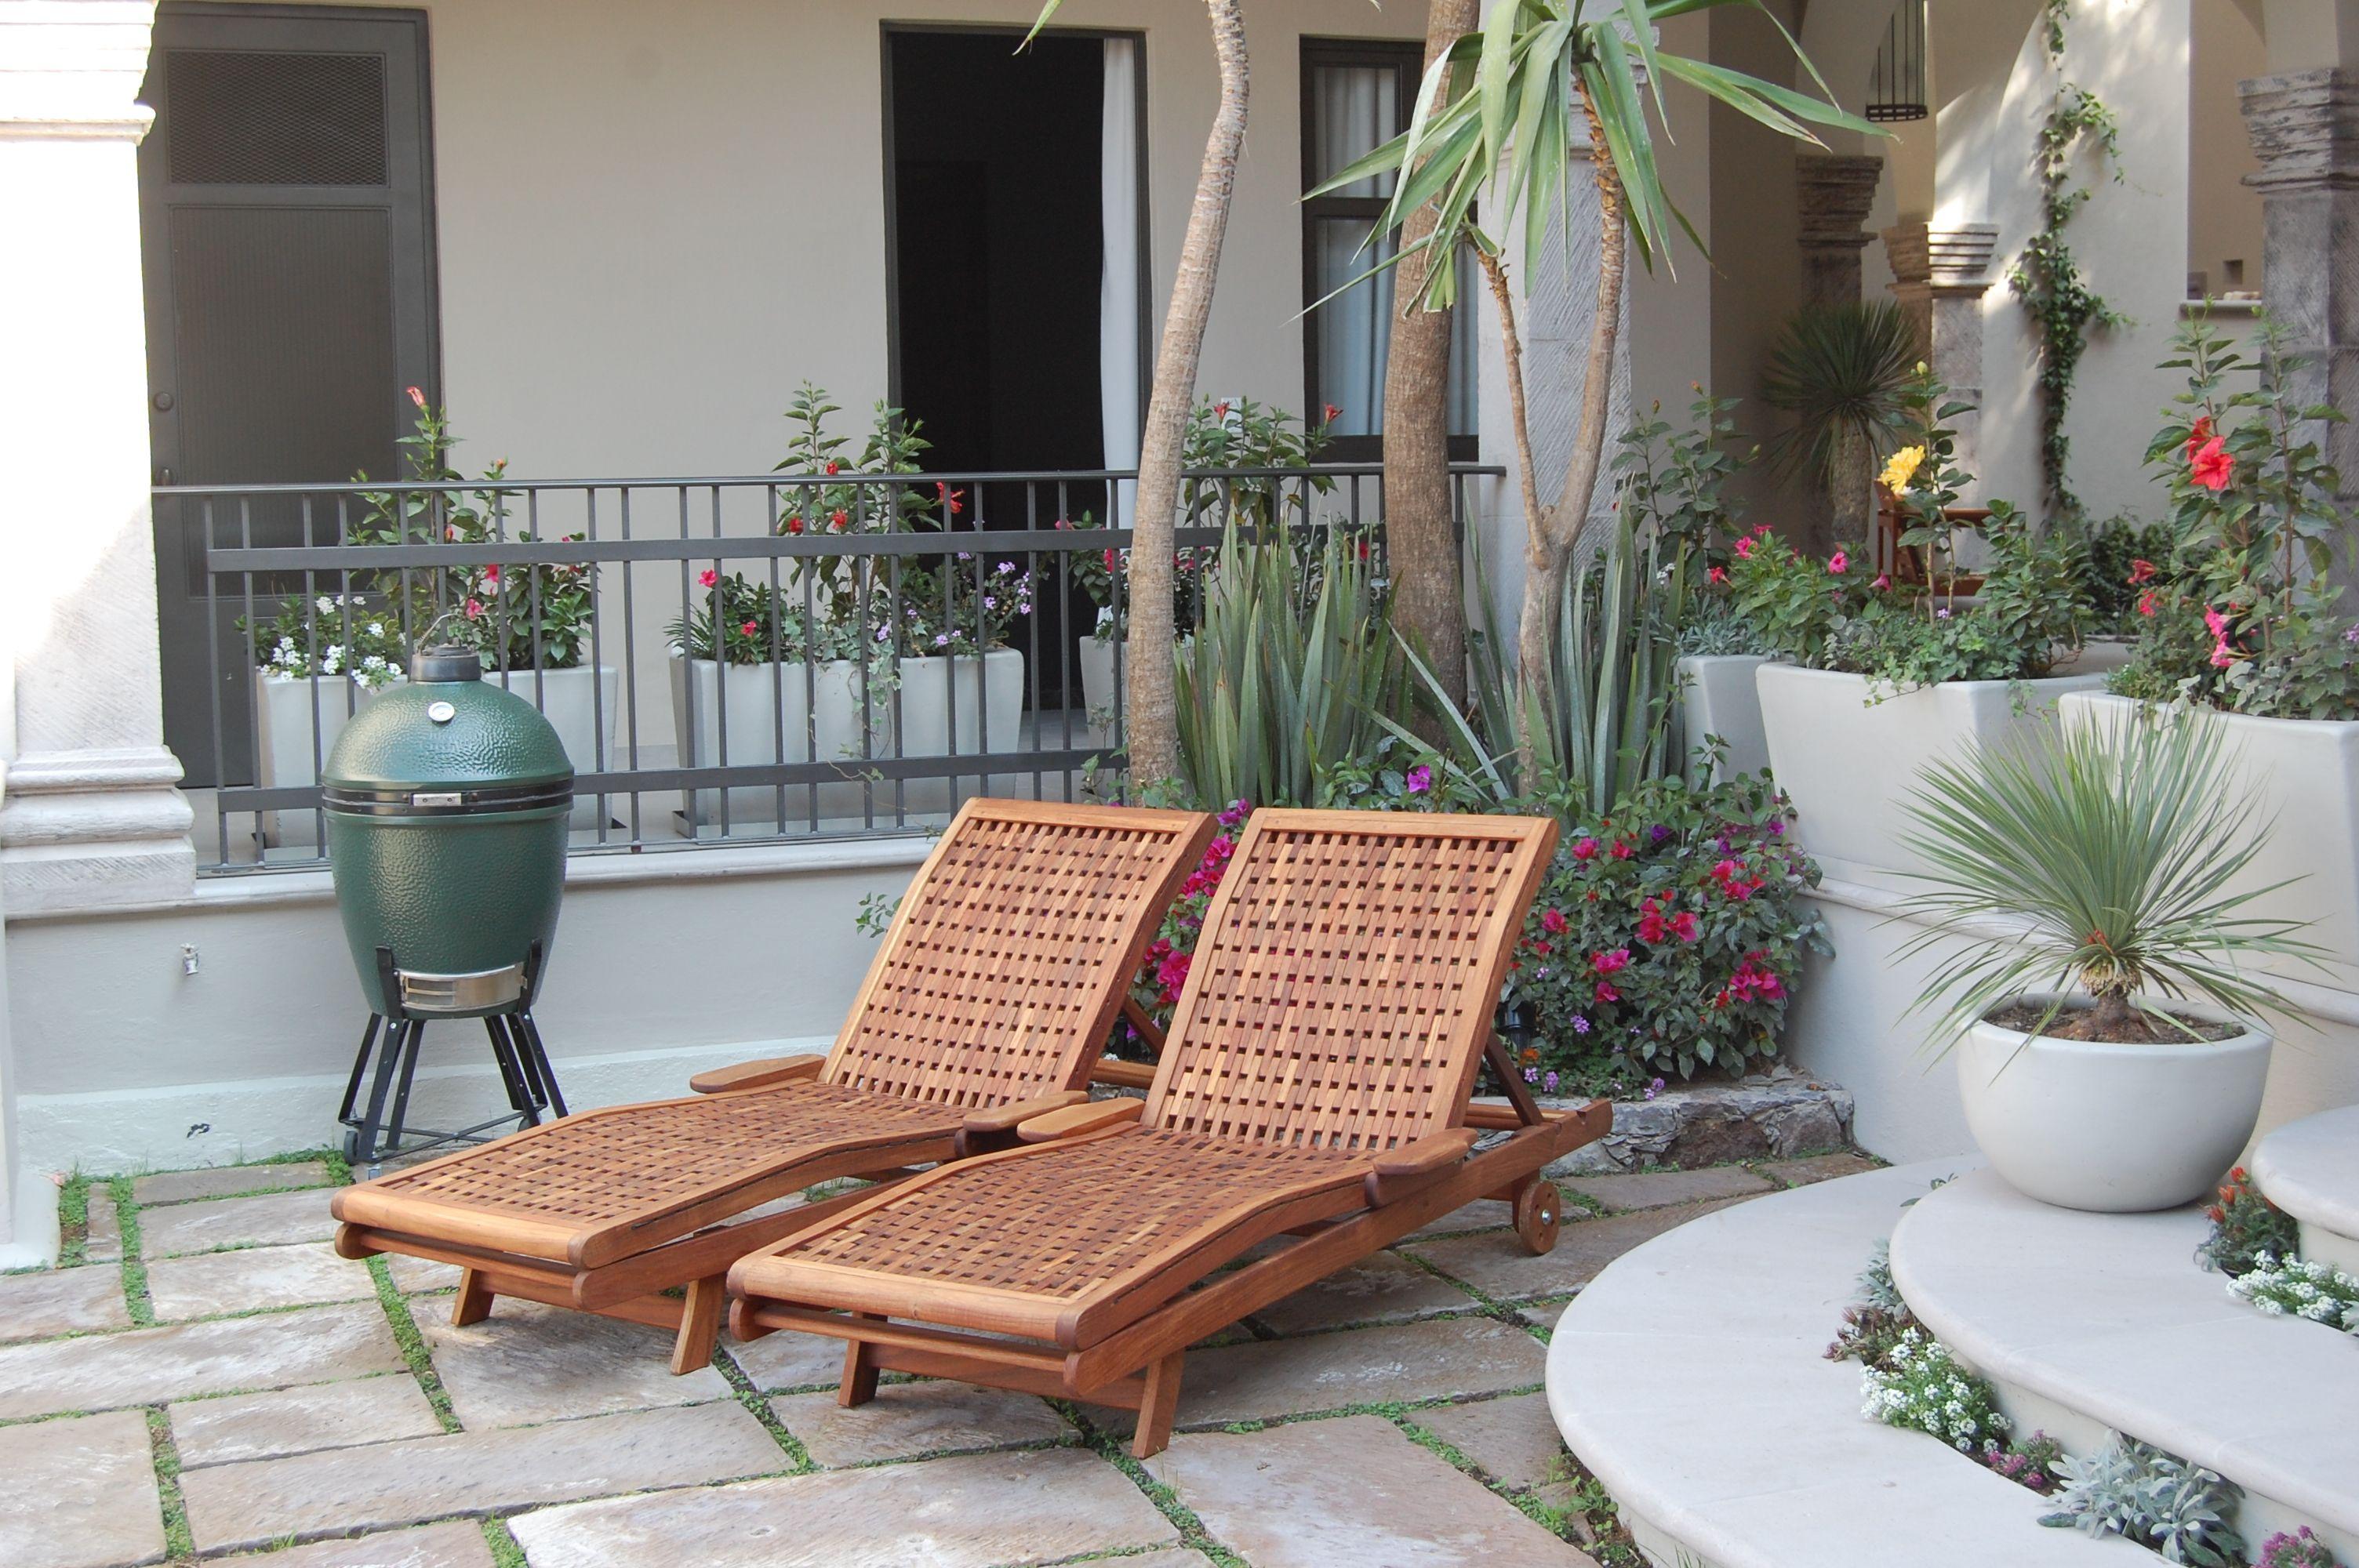 Pin de RESTEN Outdoor Furniture en RESTEN Outdoor Furniture | Pinterest